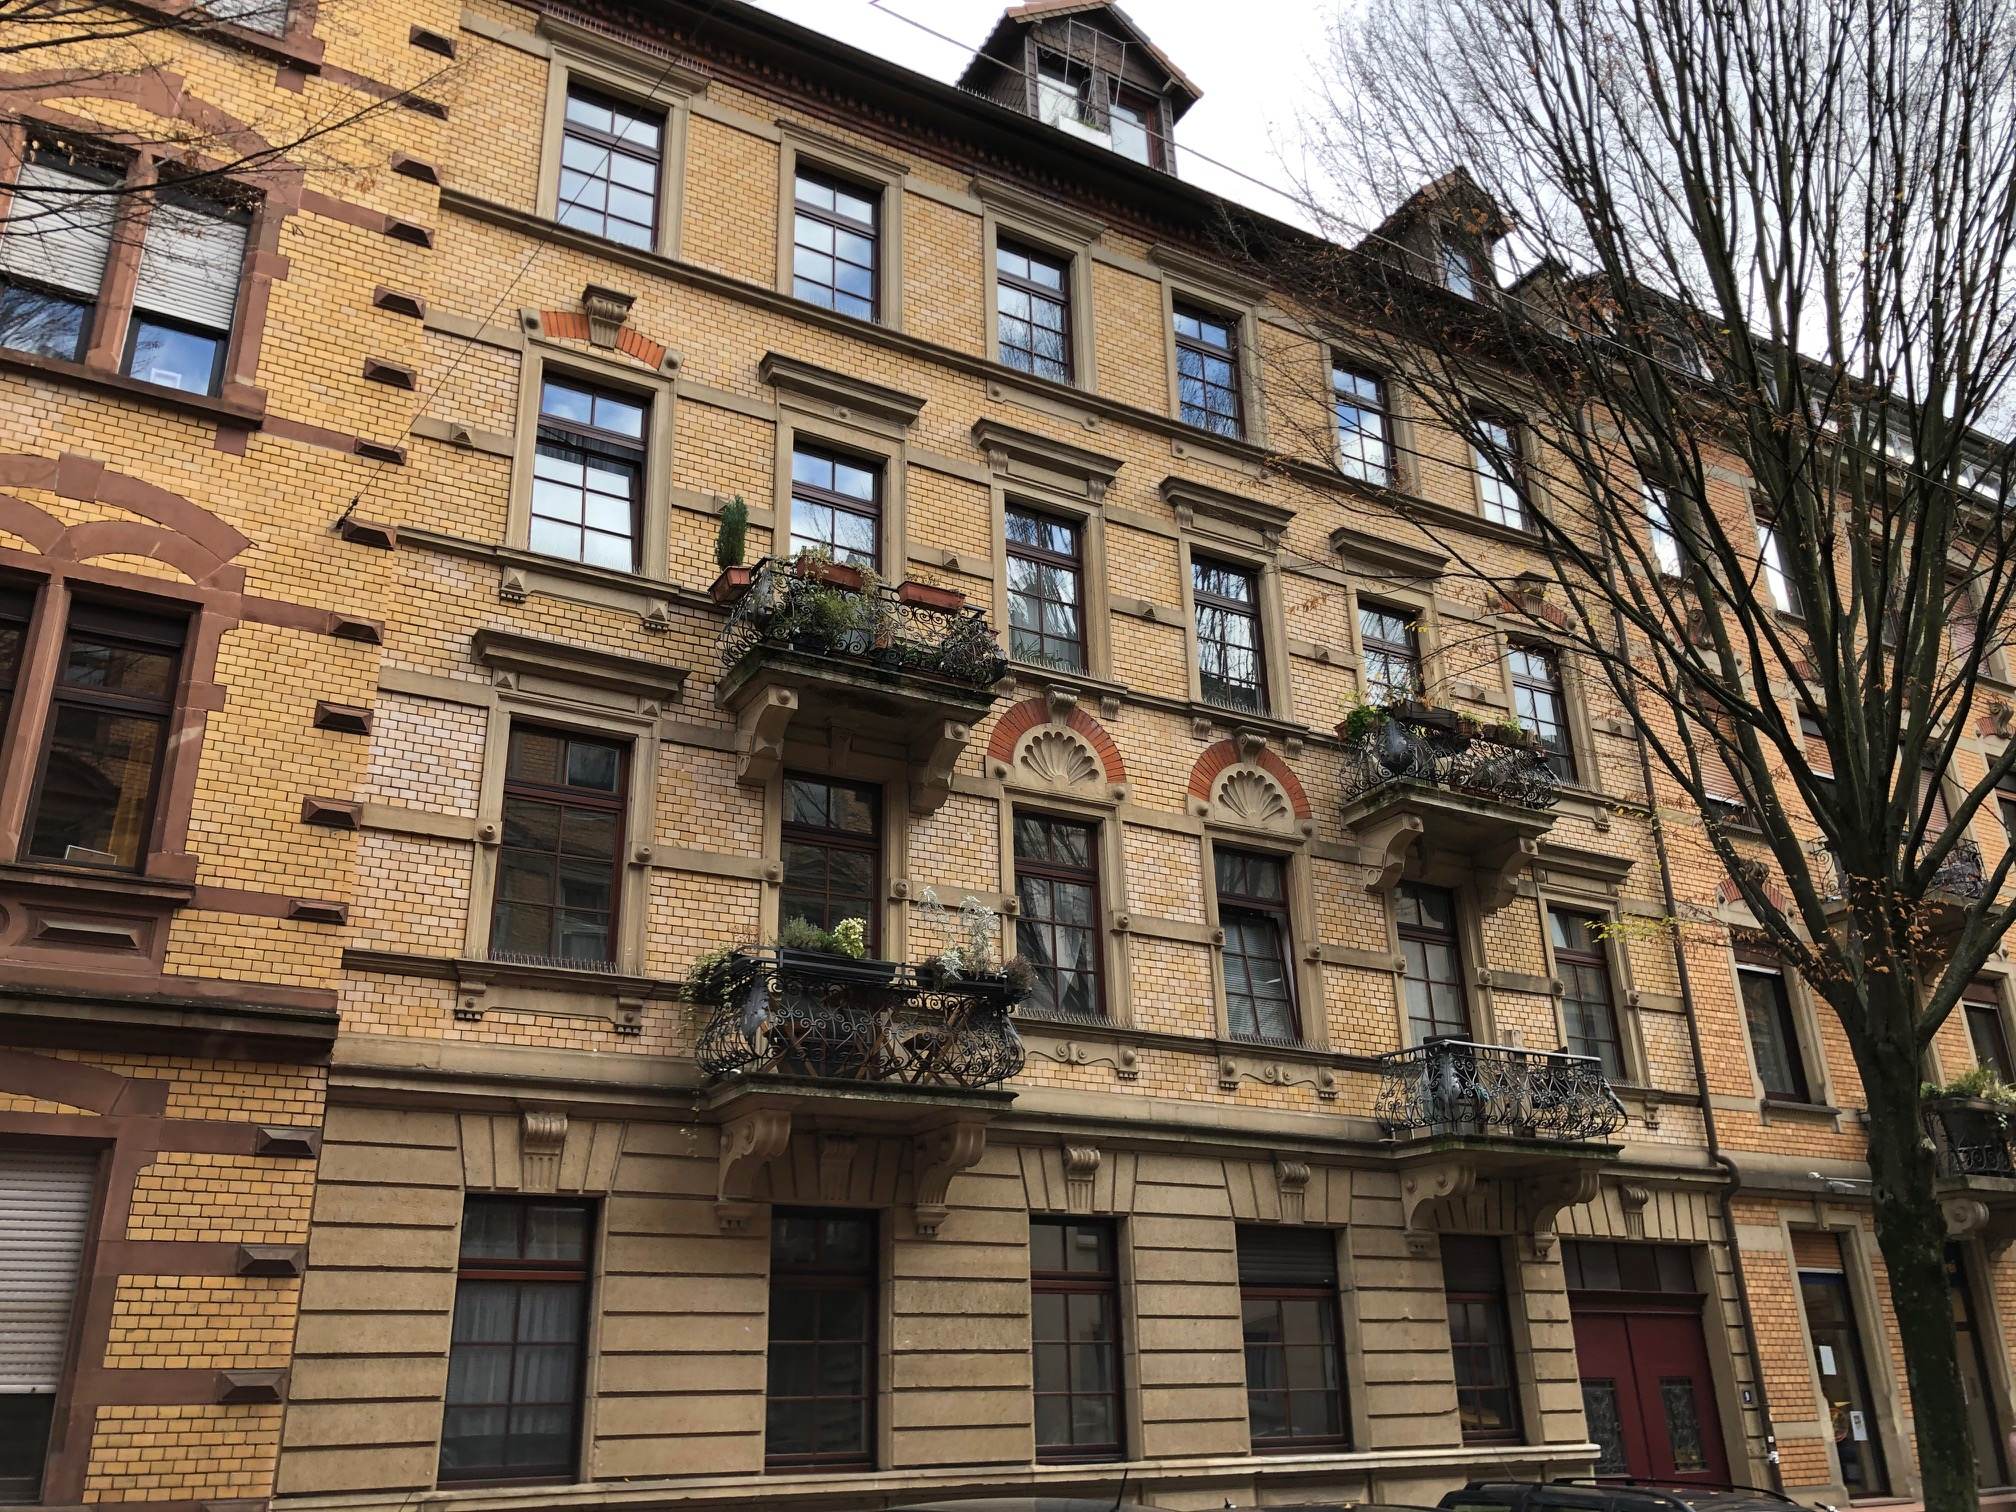 WOHNSIEGER: 4 Zimmer Hochparterre Wohnung im denkmalgeschützten Altbau in Bestlage der Oststadt